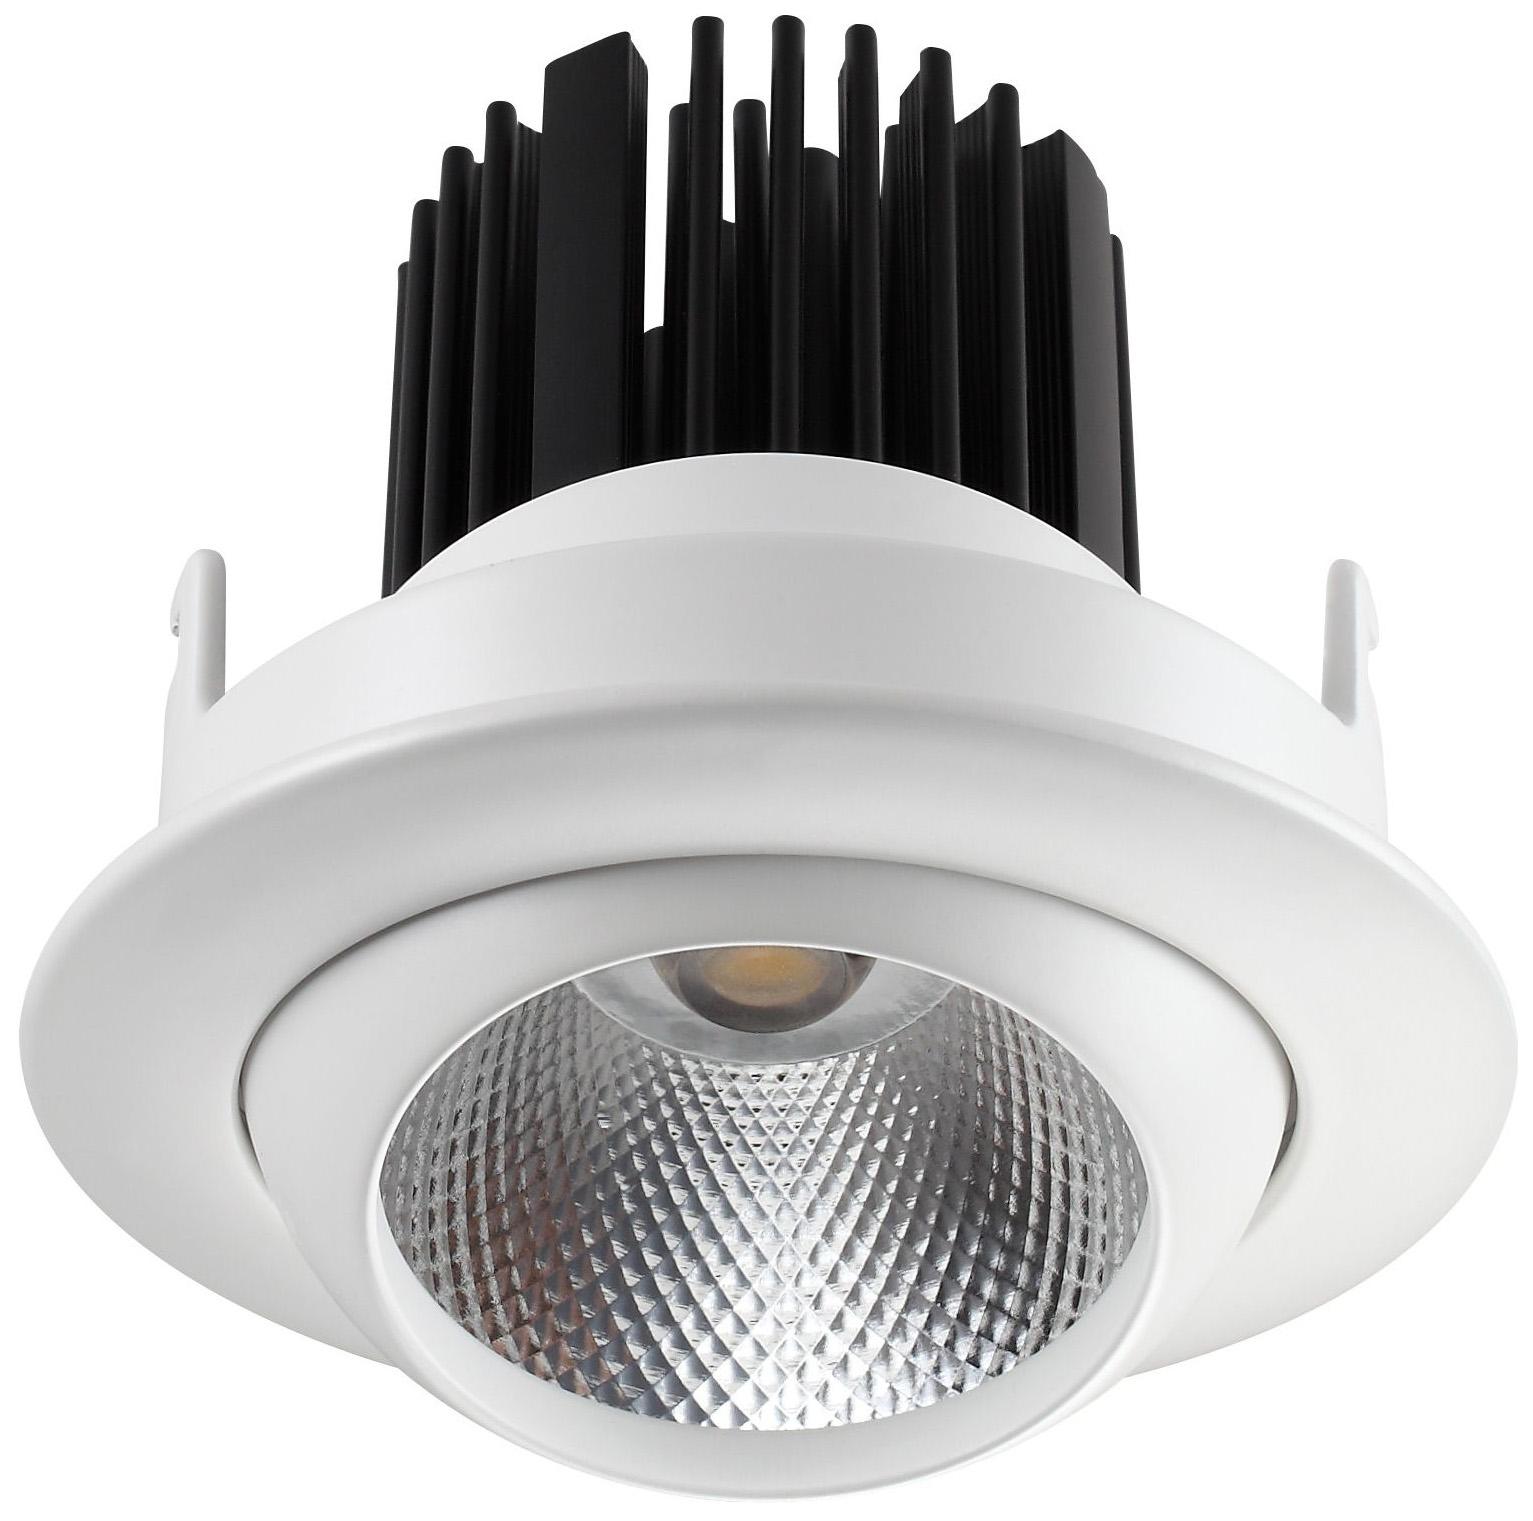 Встраиваемый светодиодный светильник Novotech Drum 357694 Белый 90 мм